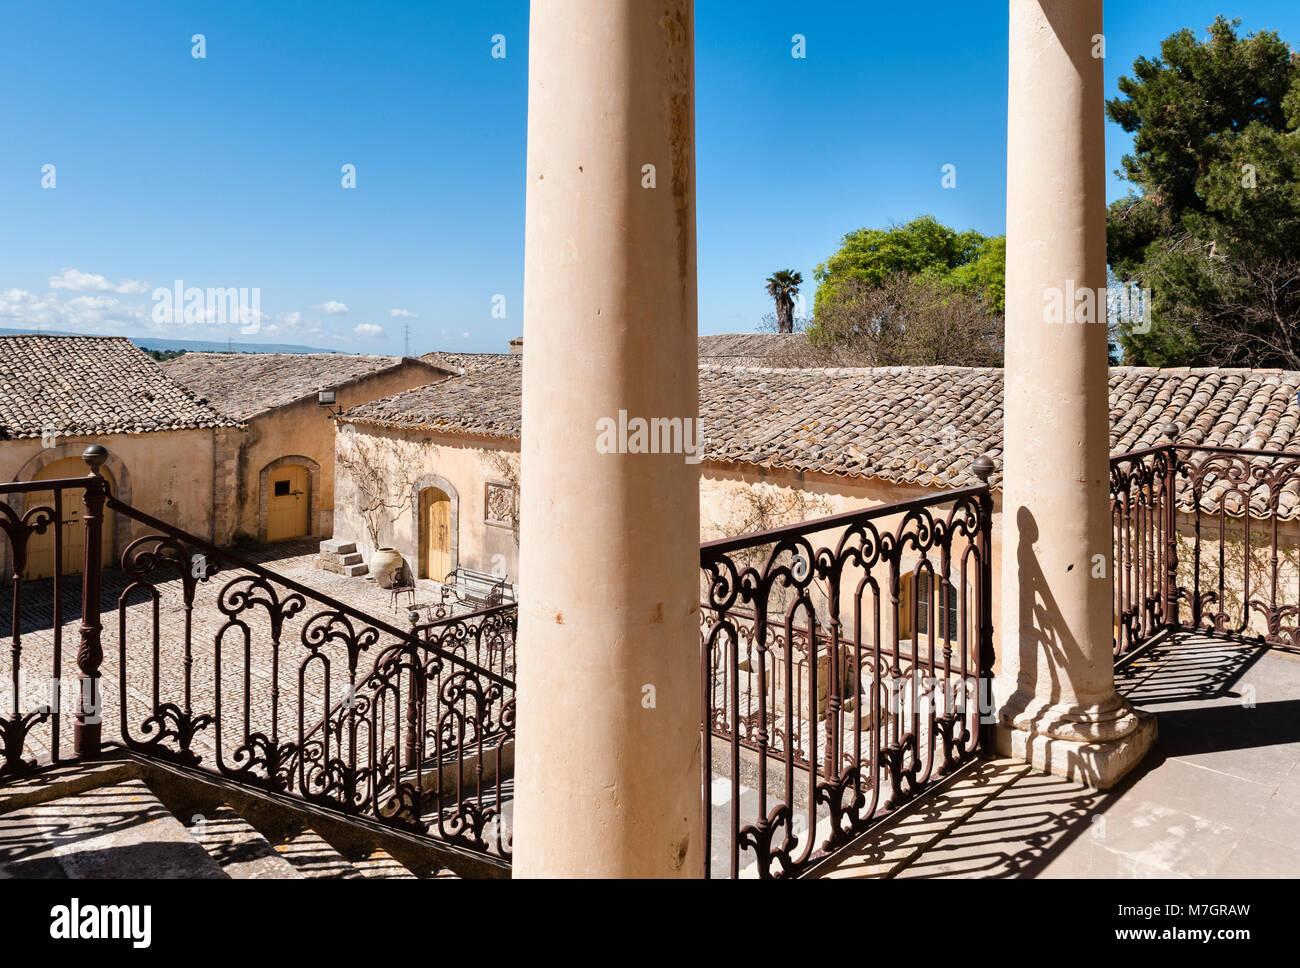 Chiaramonte Gulfi, Sizilien, Italien. Villa Fegotto (als Standort für den Inspektor Montalbano TV-Serie verwendet) Stockbild